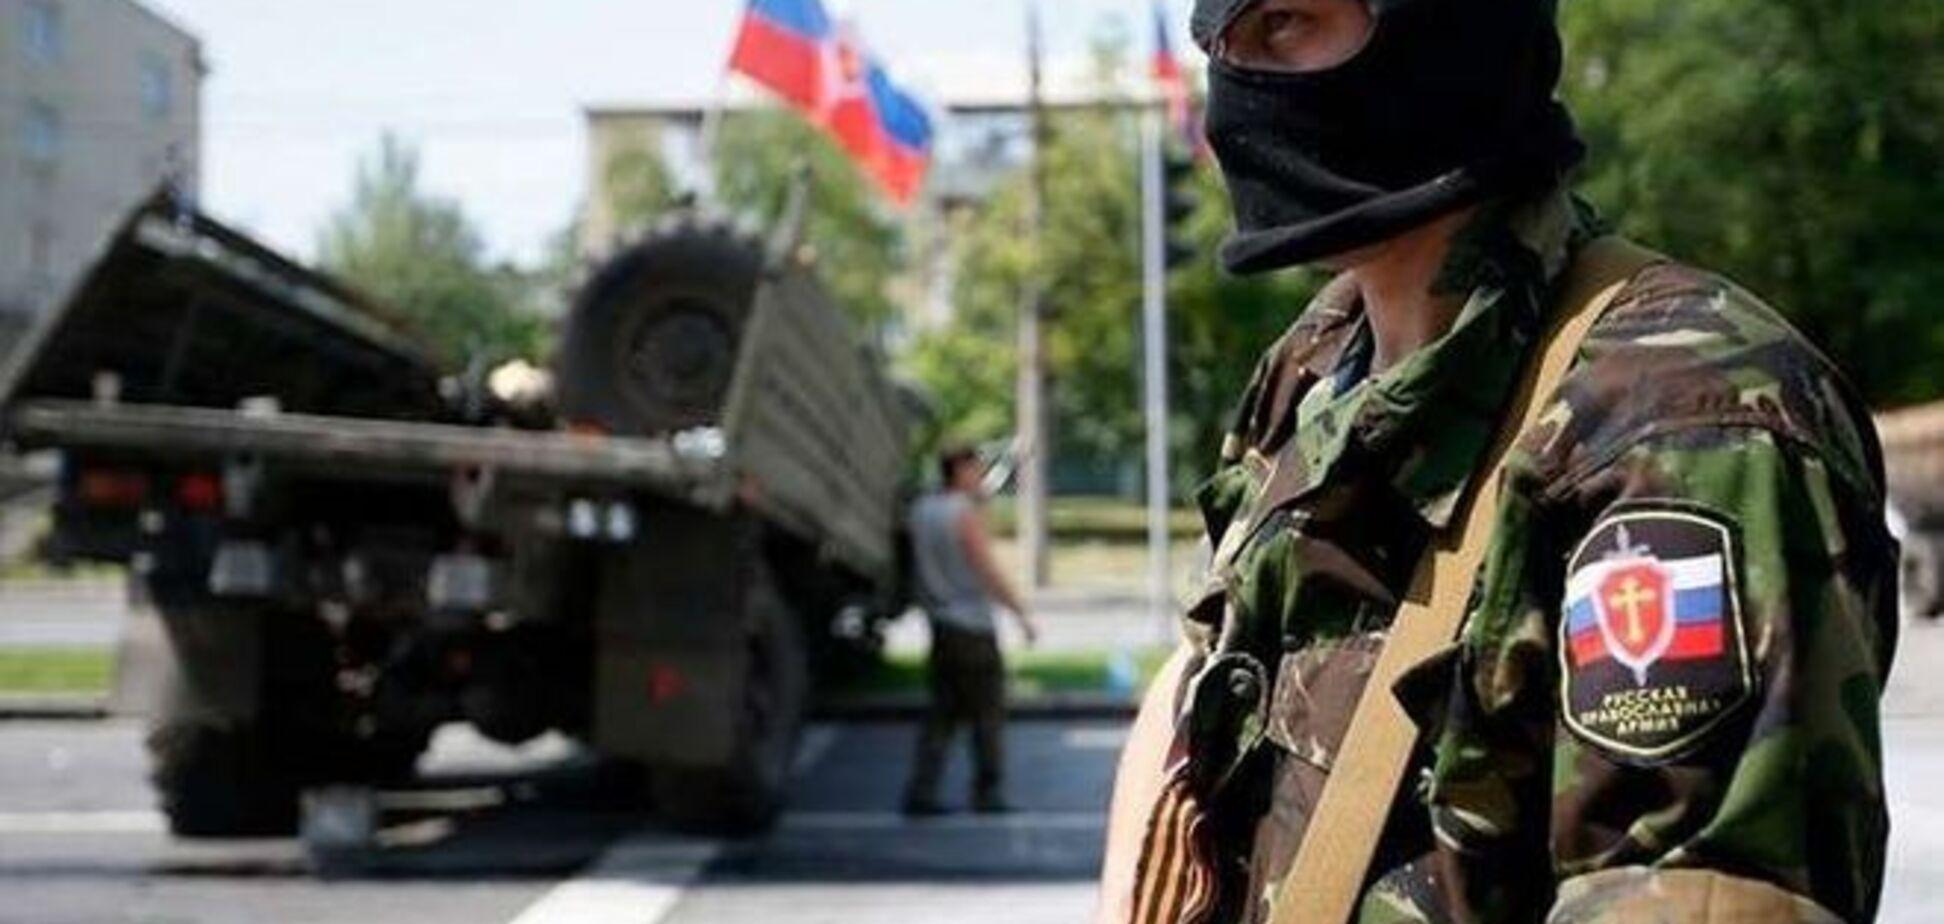 Не поделили территорию: Боевики 'ЛНР' воюют с российскими 'казаками'